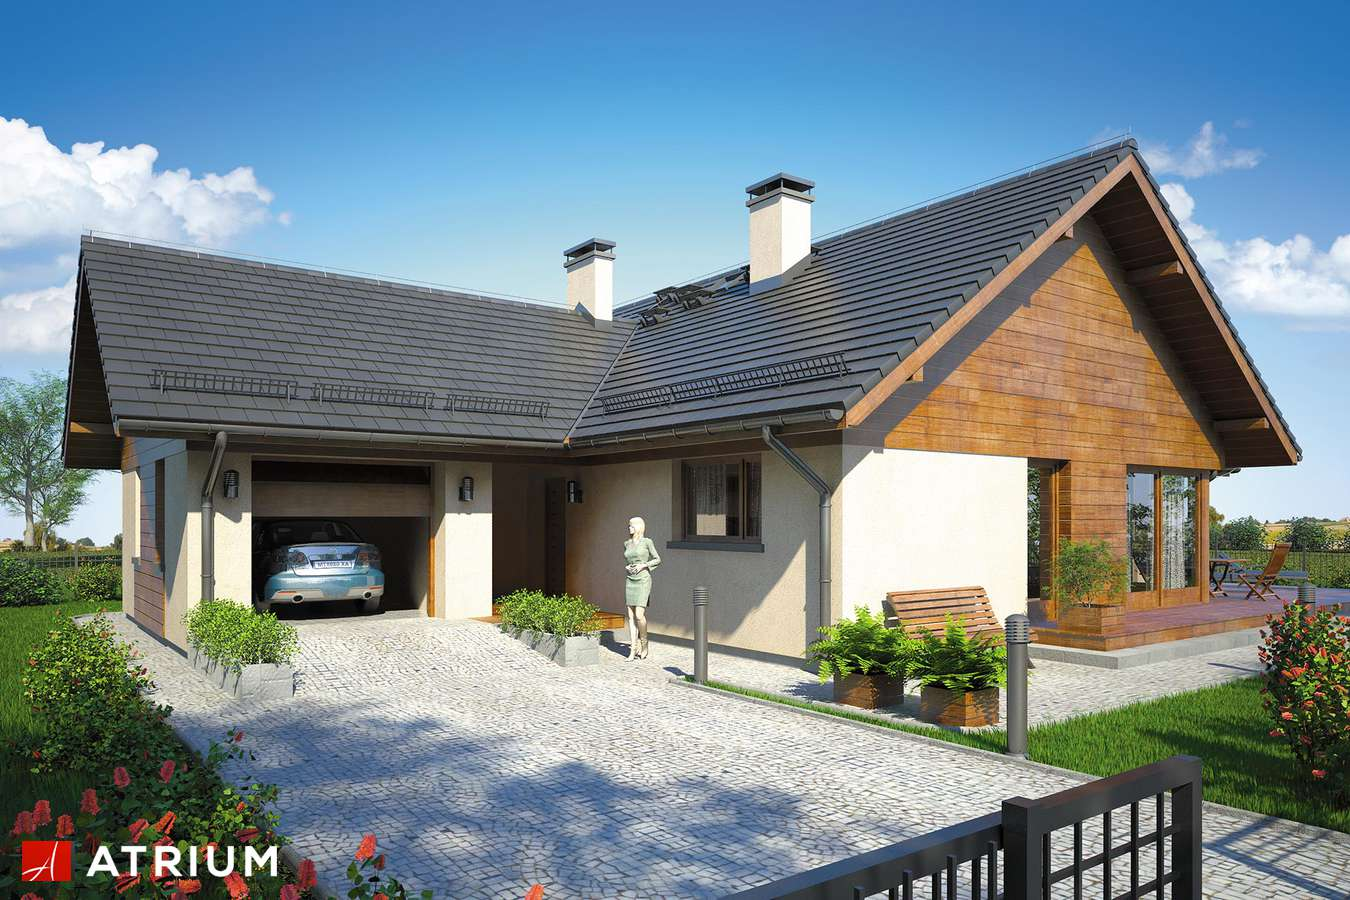 Projekty domów - Projekt domu parterowego WINSTON IX - wizualizacja 1 - wersja lustrzana